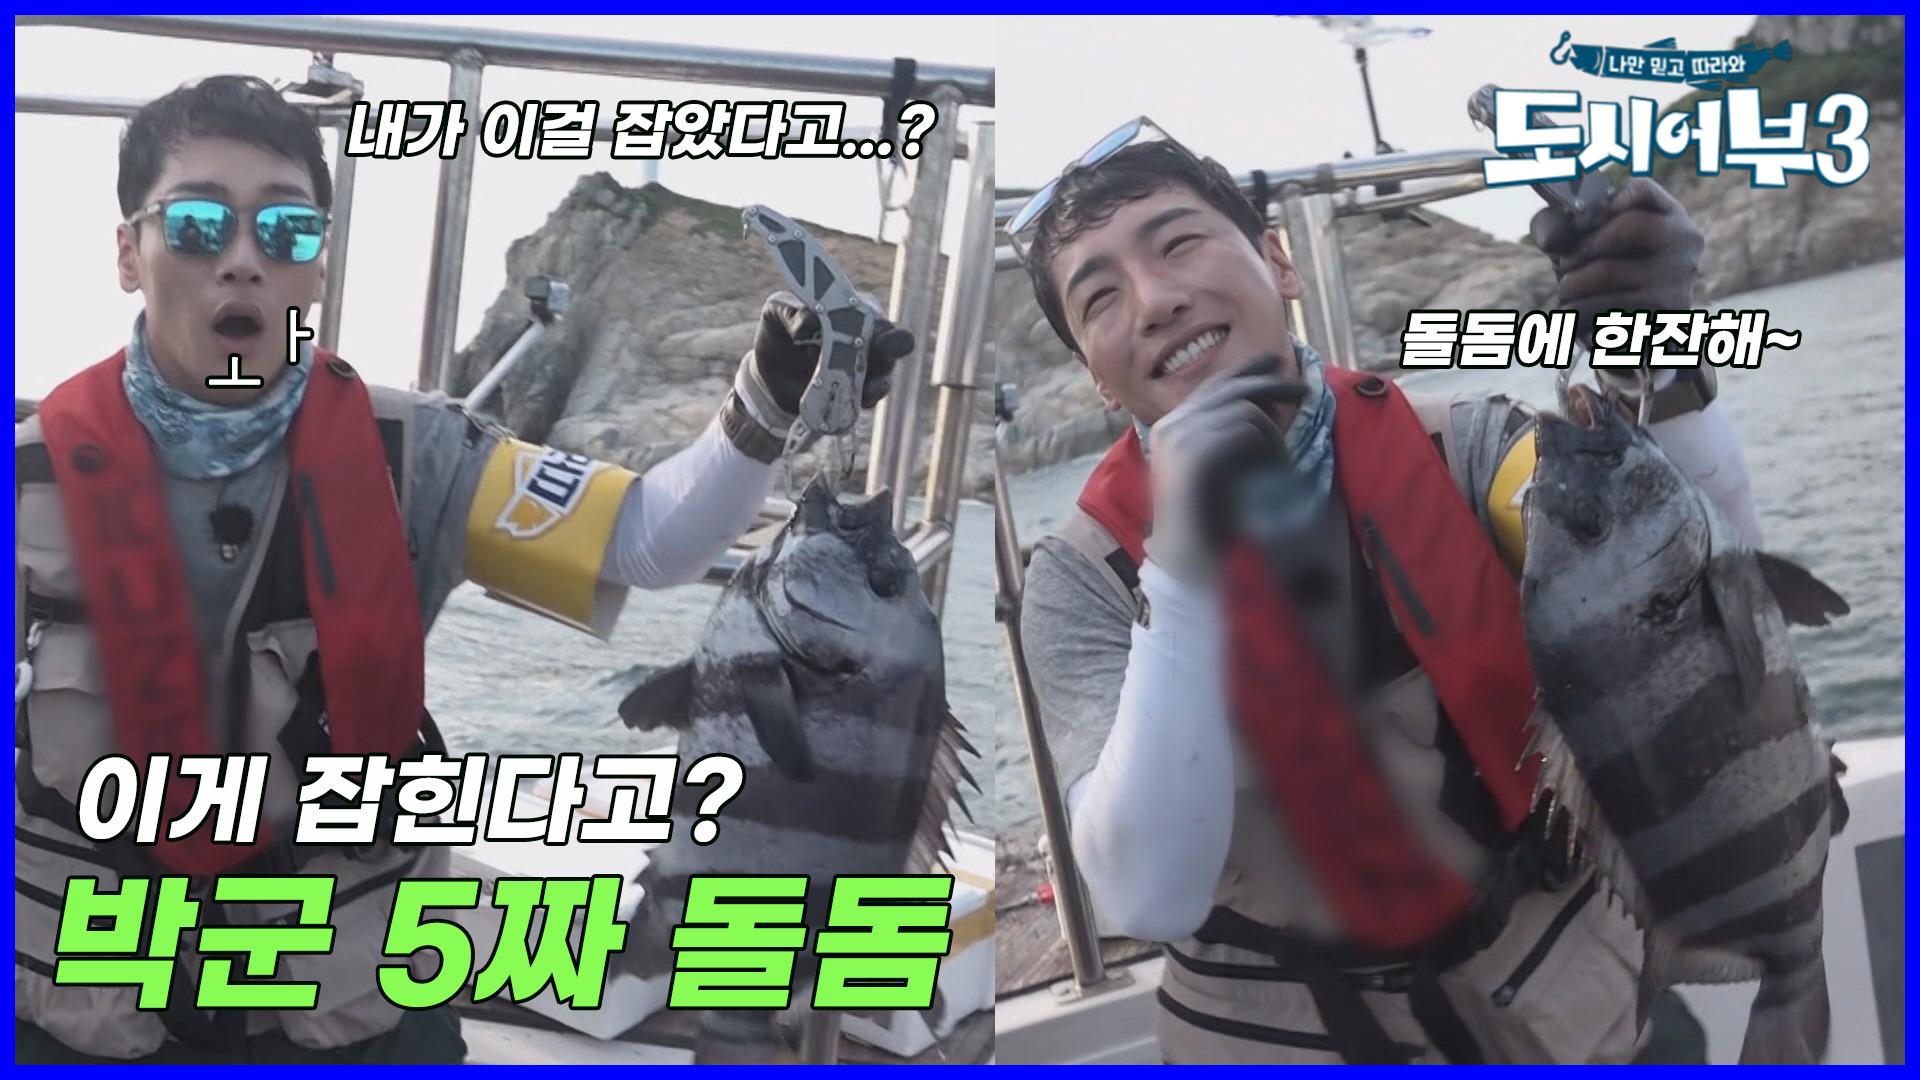 역대급 어복! 미쳐버린 박군의 5짜 돌돔